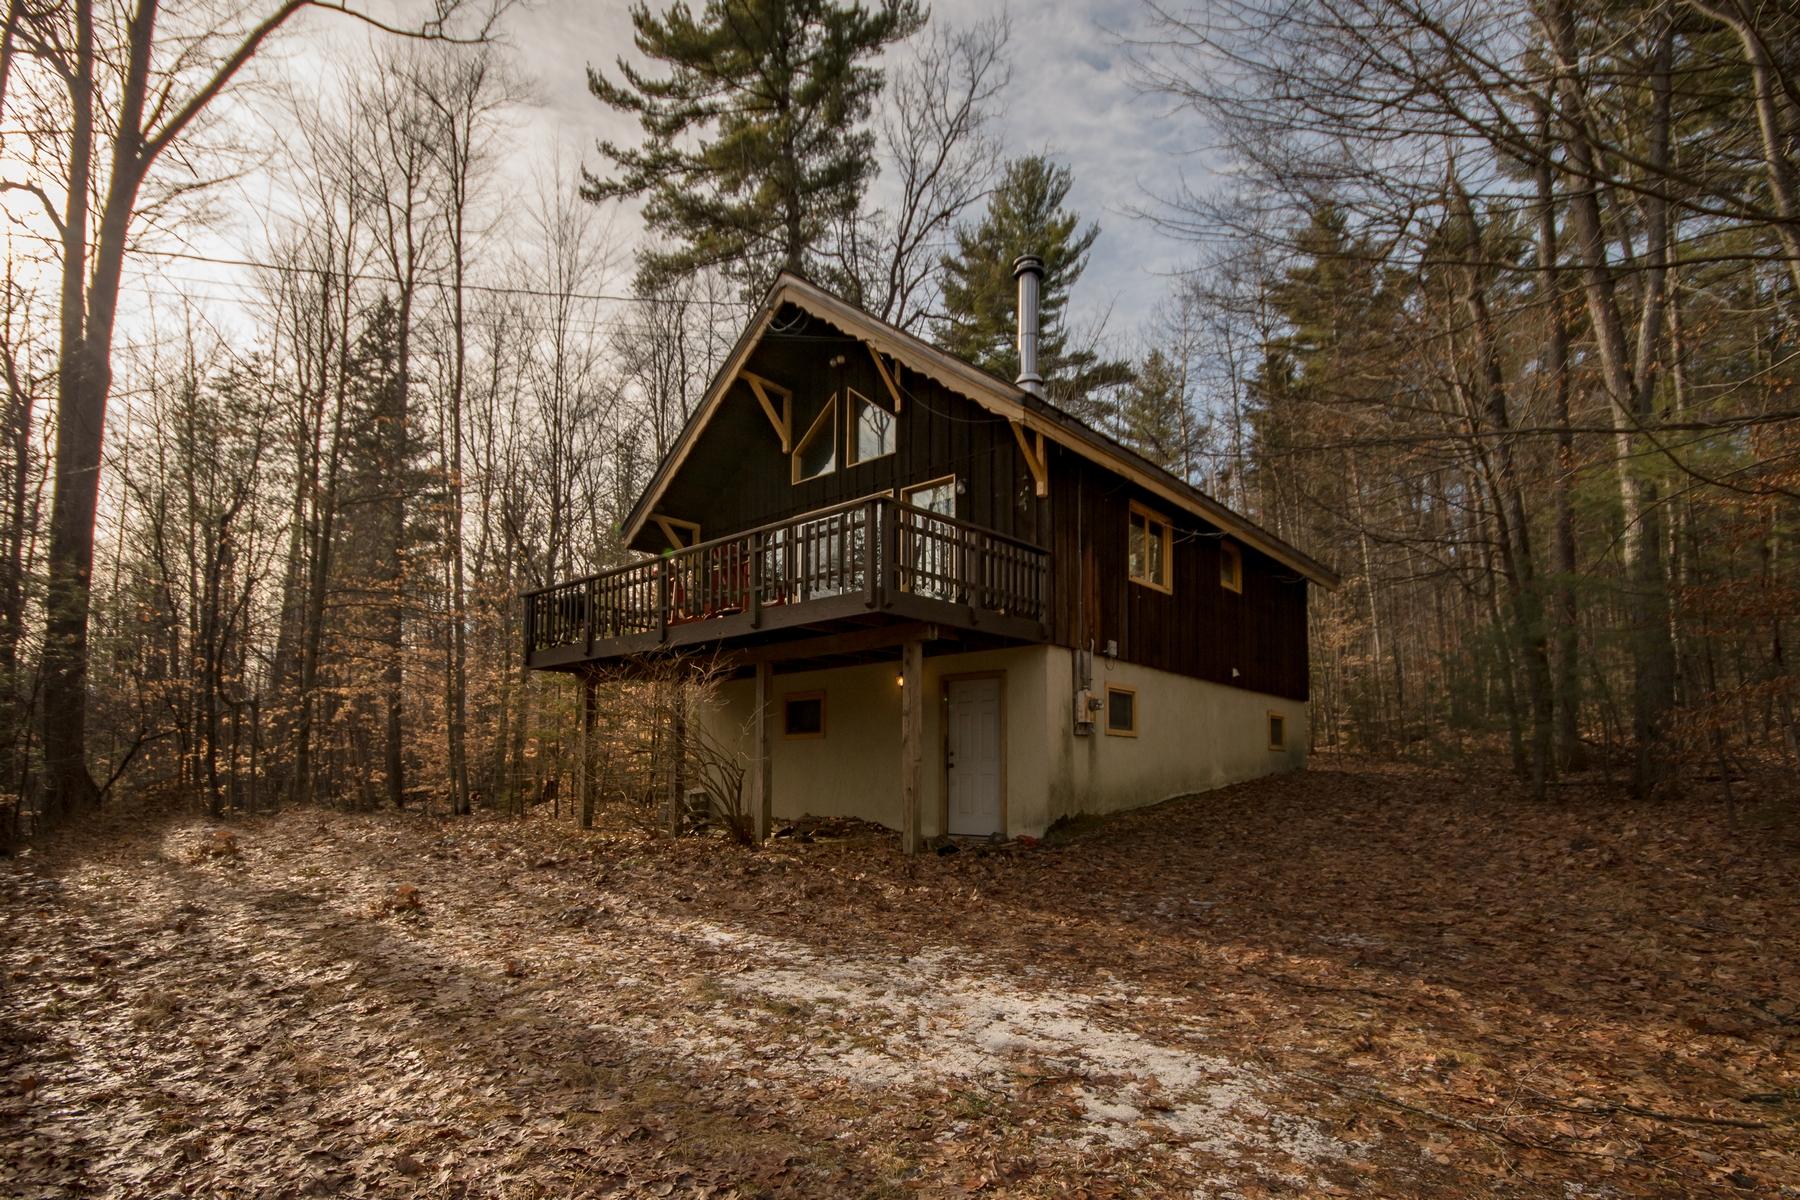 Частный односемейный дом для того Продажа на Private Chalet 28 Ash Lane Jay, Нью-Йорк 12941 Соединенные Штаты